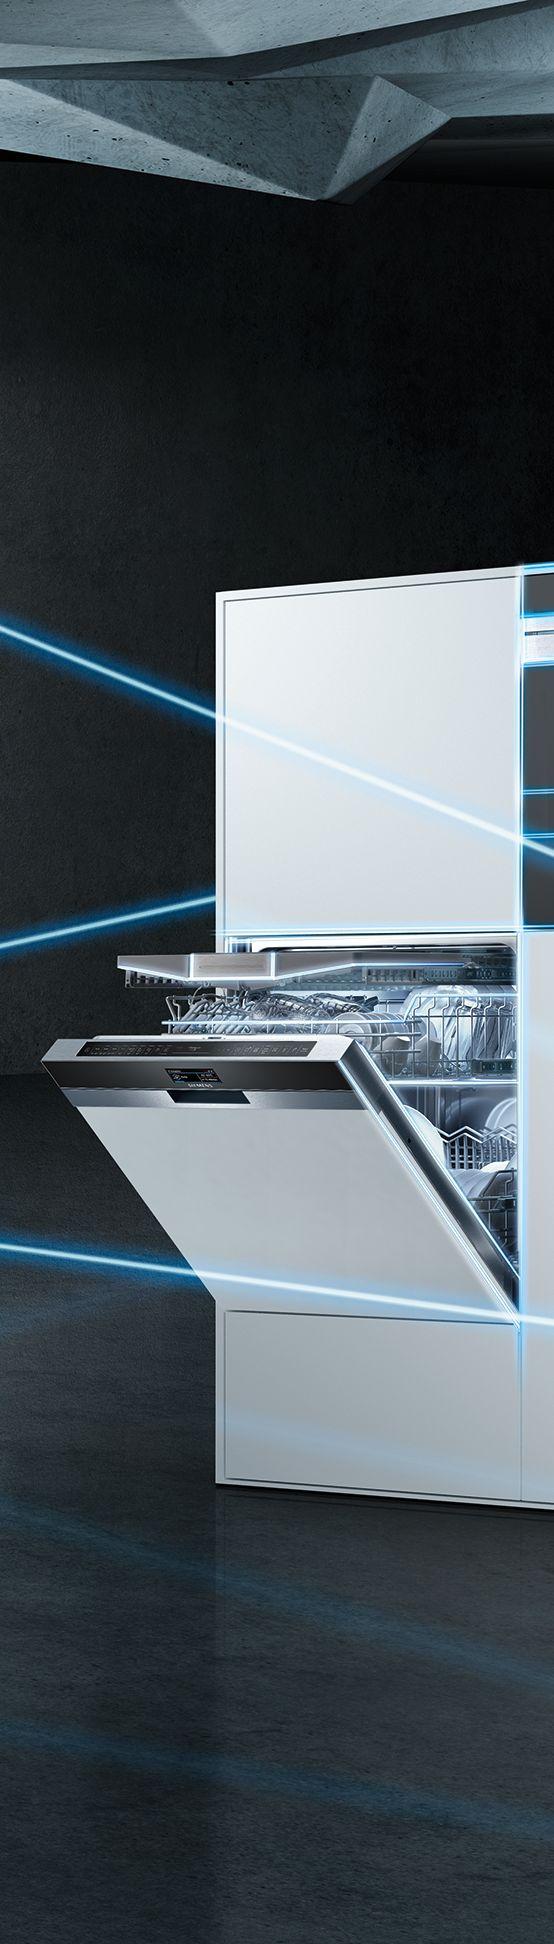 The future of dishwashers: control your #Siemens dishwasher from underway to save time for moments that make your #LifeLessOrdinary. // Die Zukunft des Geschirrspülens: Mit #HomeConnect steuern Sie ihren Siemens Geschirrspülern von unterwegs und haben so mehr Zeit für die außergewöhnlichen Momente im Leben. #dishwasher #enjoysiemens